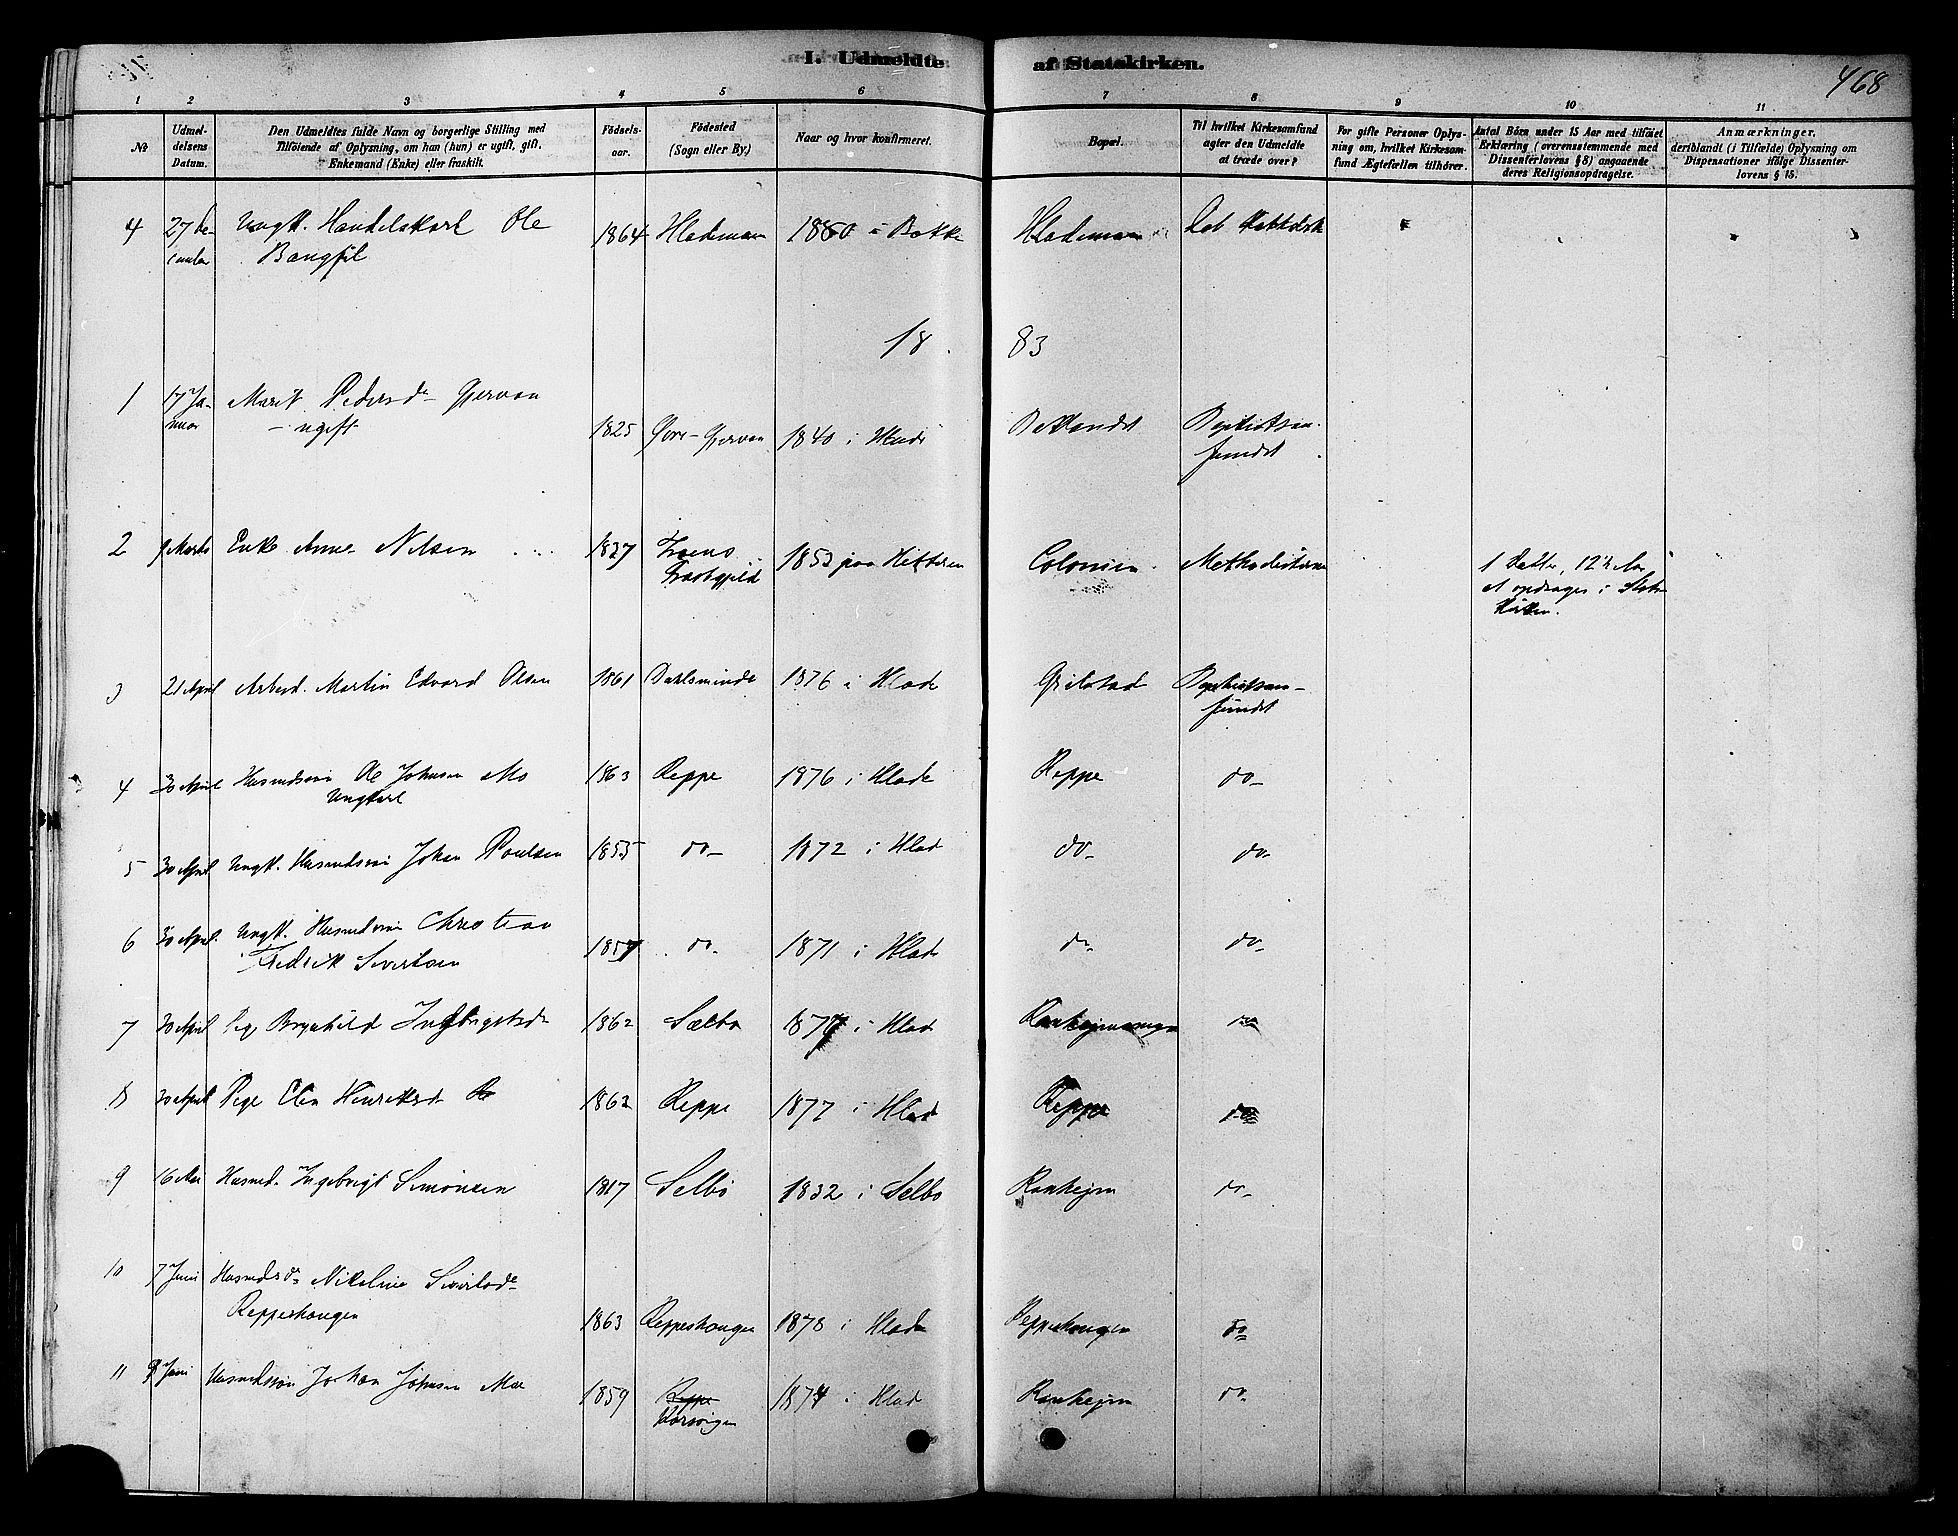 SAT, Ministerialprotokoller, klokkerbøker og fødselsregistre - Sør-Trøndelag, 606/L0294: Ministerialbok nr. 606A09, 1878-1886, s. 468